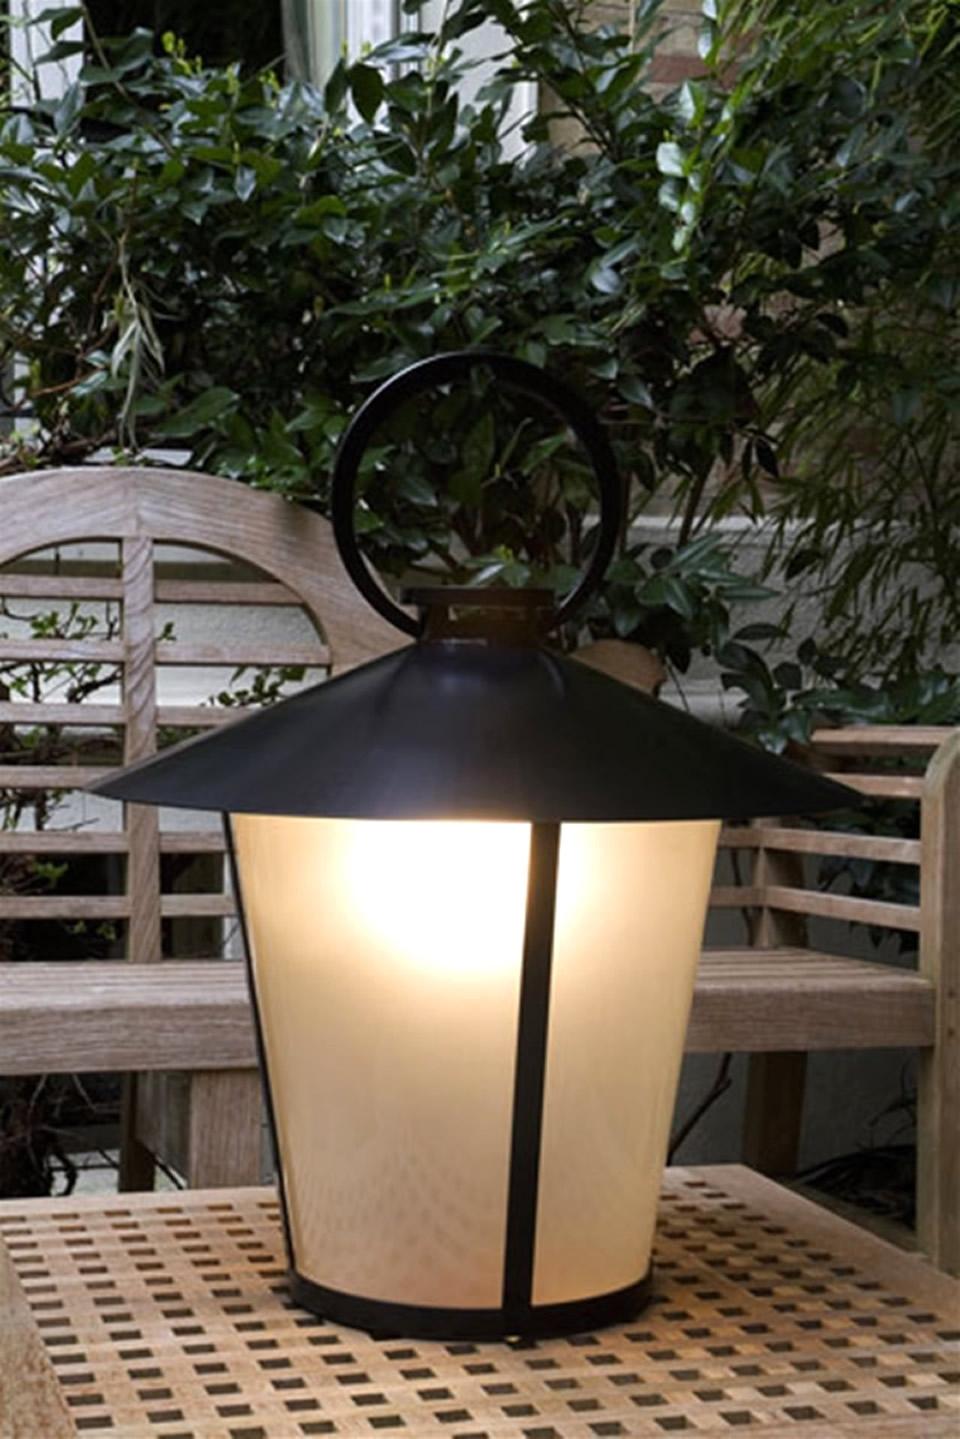 Electric Outdoor Lighting Garden – Lawsonreport #b8204F584123 Intended For Electric Outdoor Lighting Garden (#5 of 15)